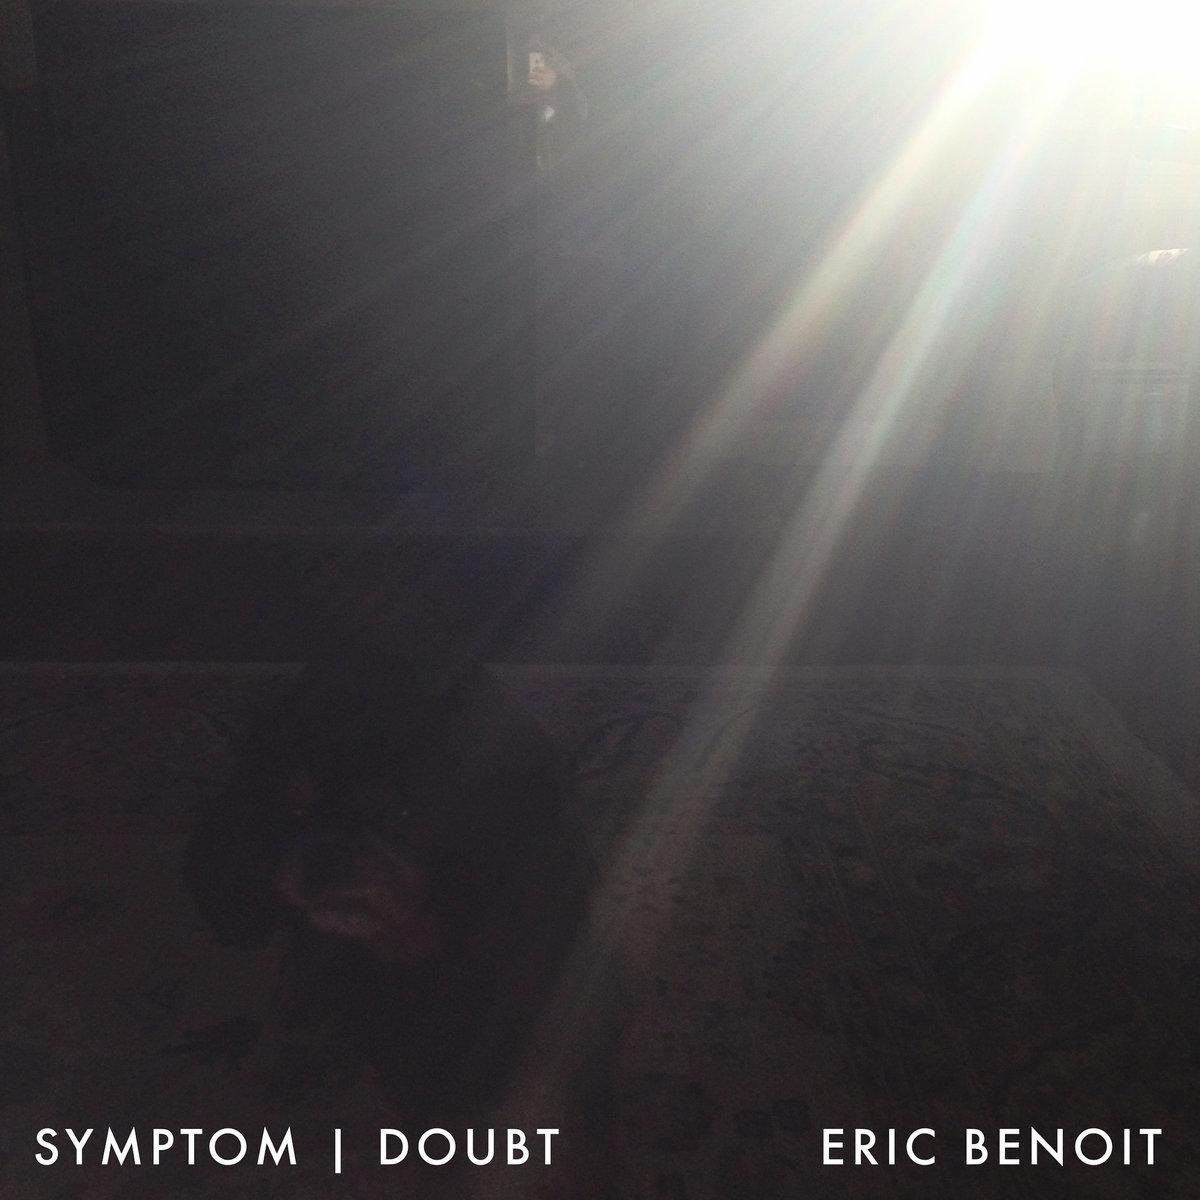 Symptom b/w Doubt - Single